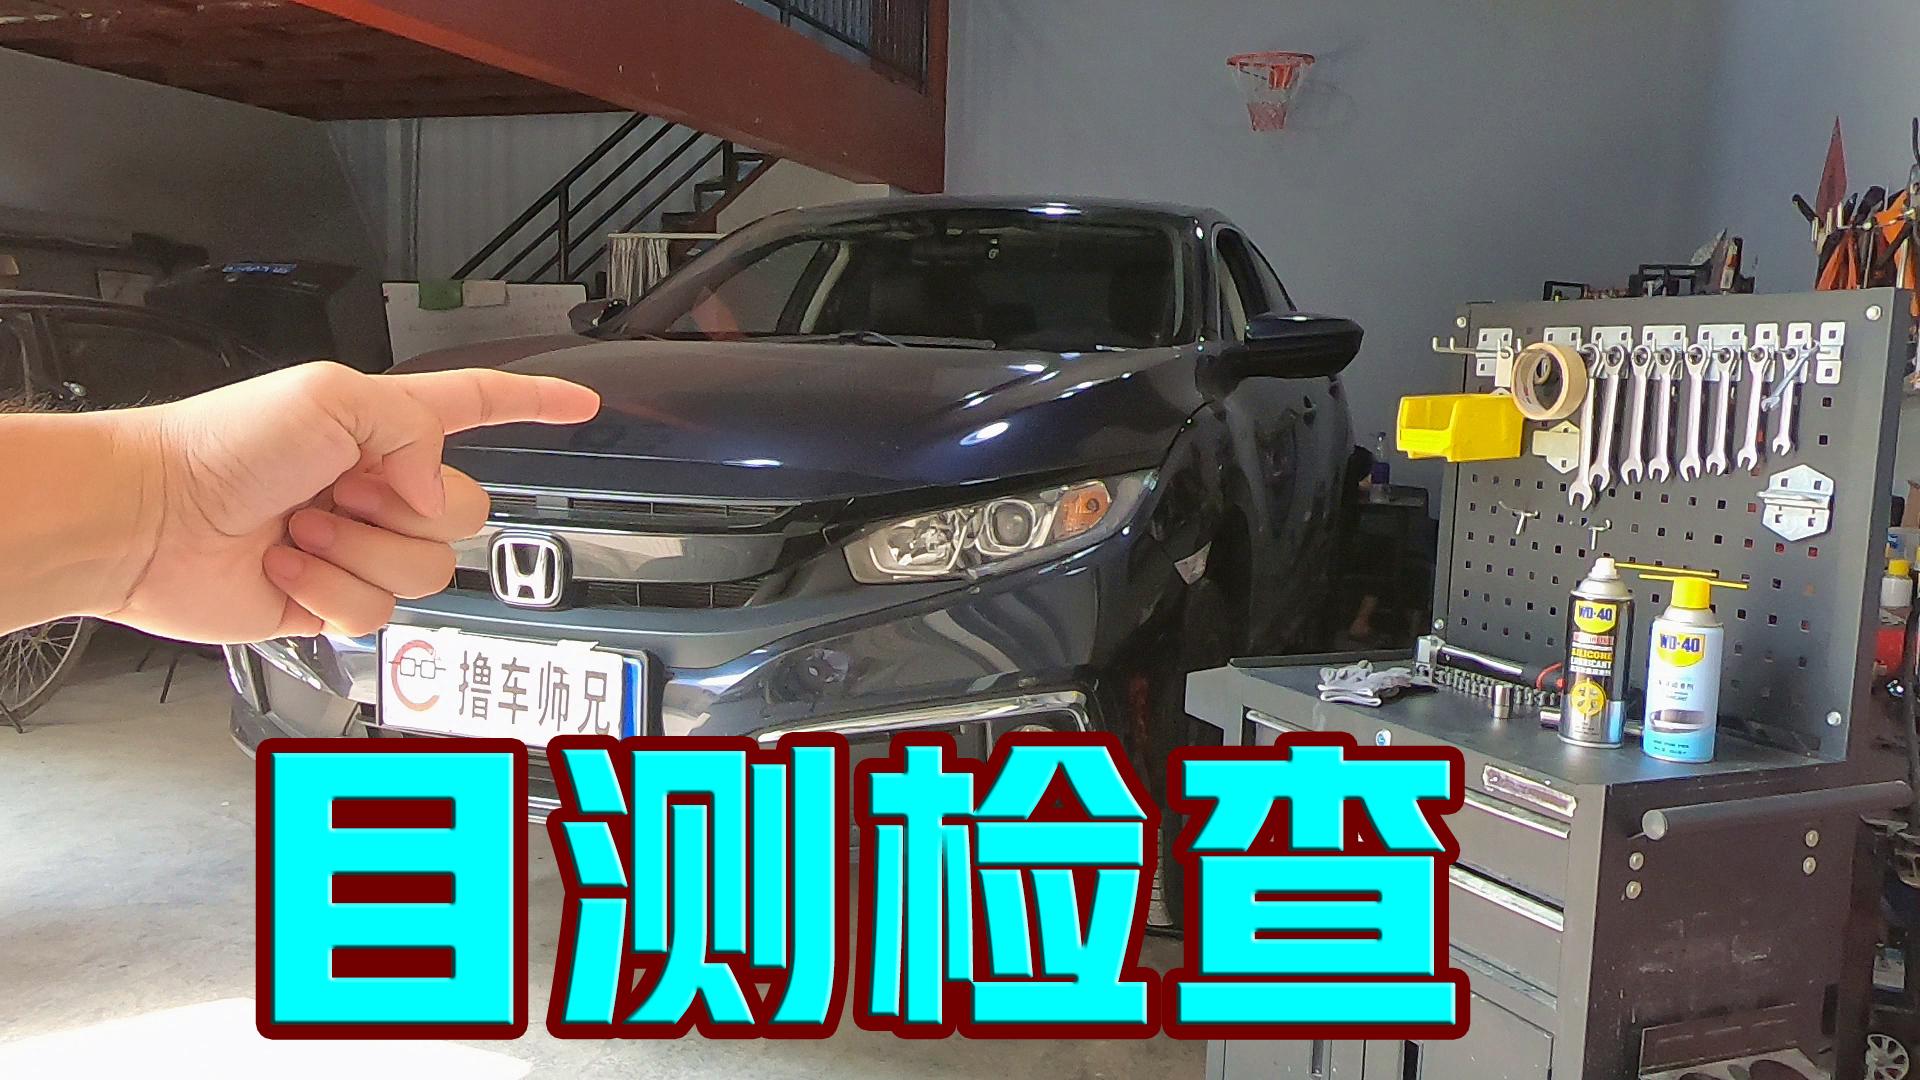 【撸车师兄】原厂要求必做的保养项目,每1万公里一次,你的车可能从没做过